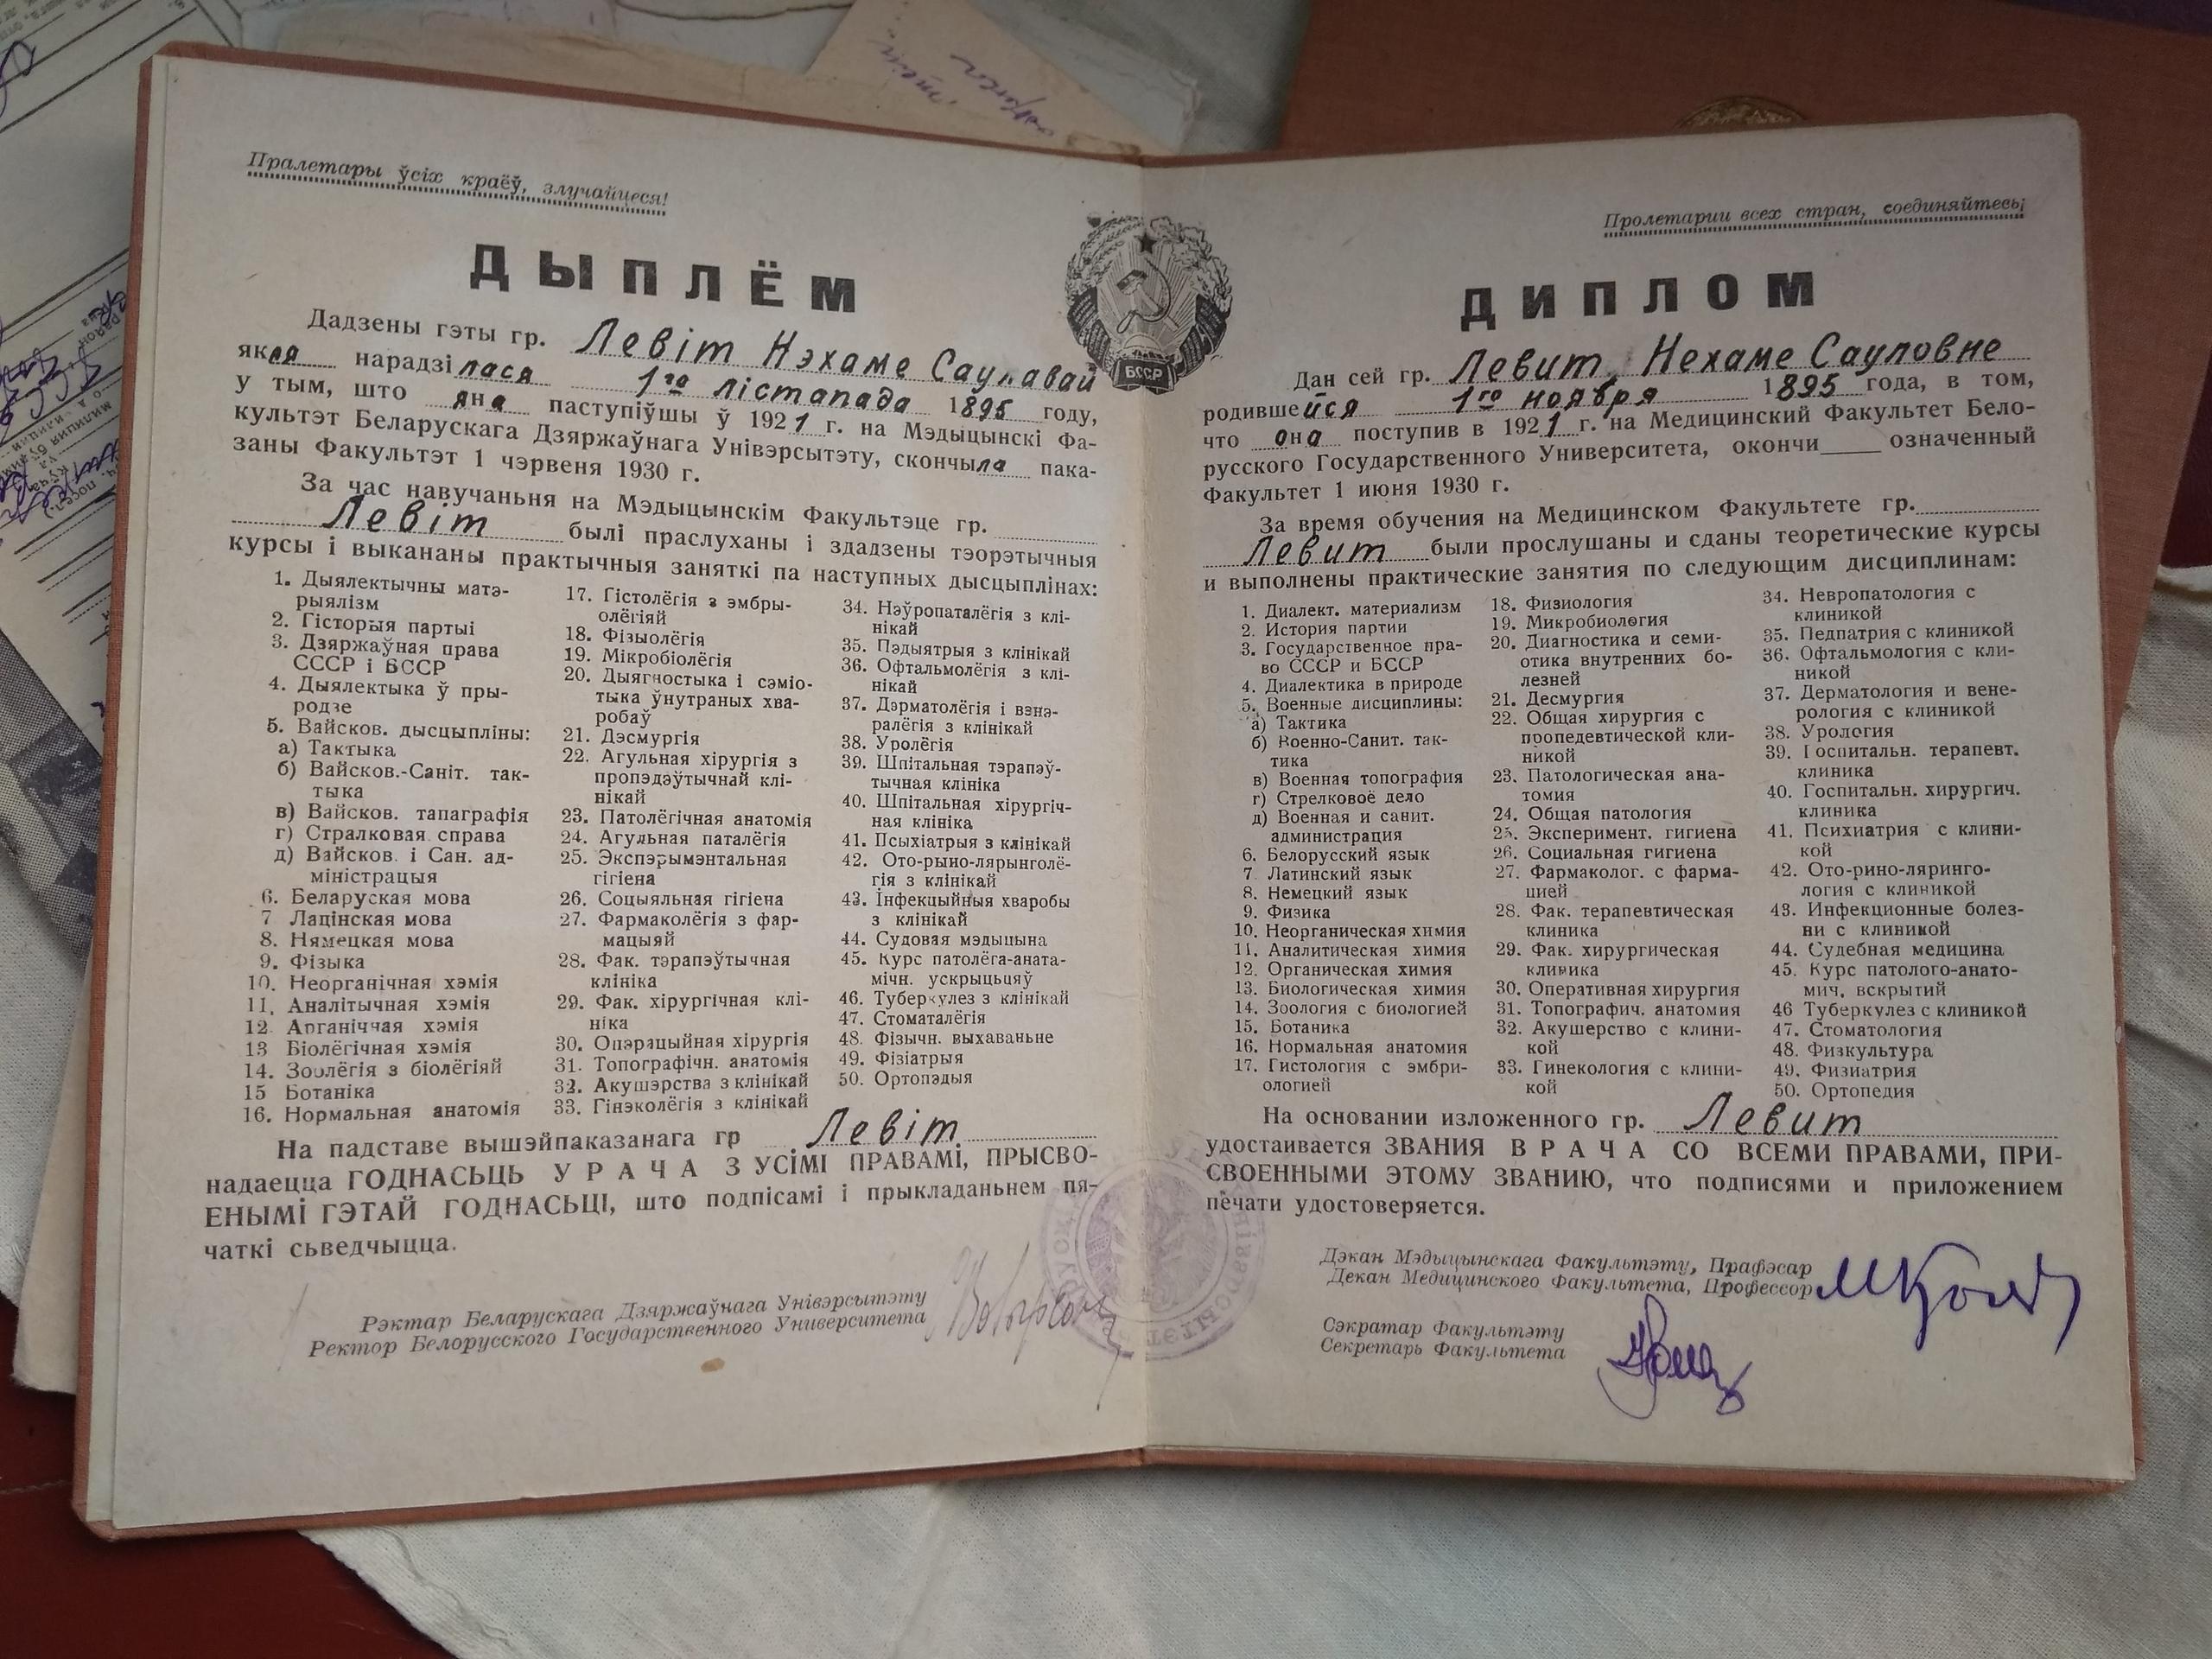 У кірылічным альфабэце Браніслава Тарашкевіча (1918) была літара, якой няма ў афіцыйнай азбуцы цяпер. Якая?